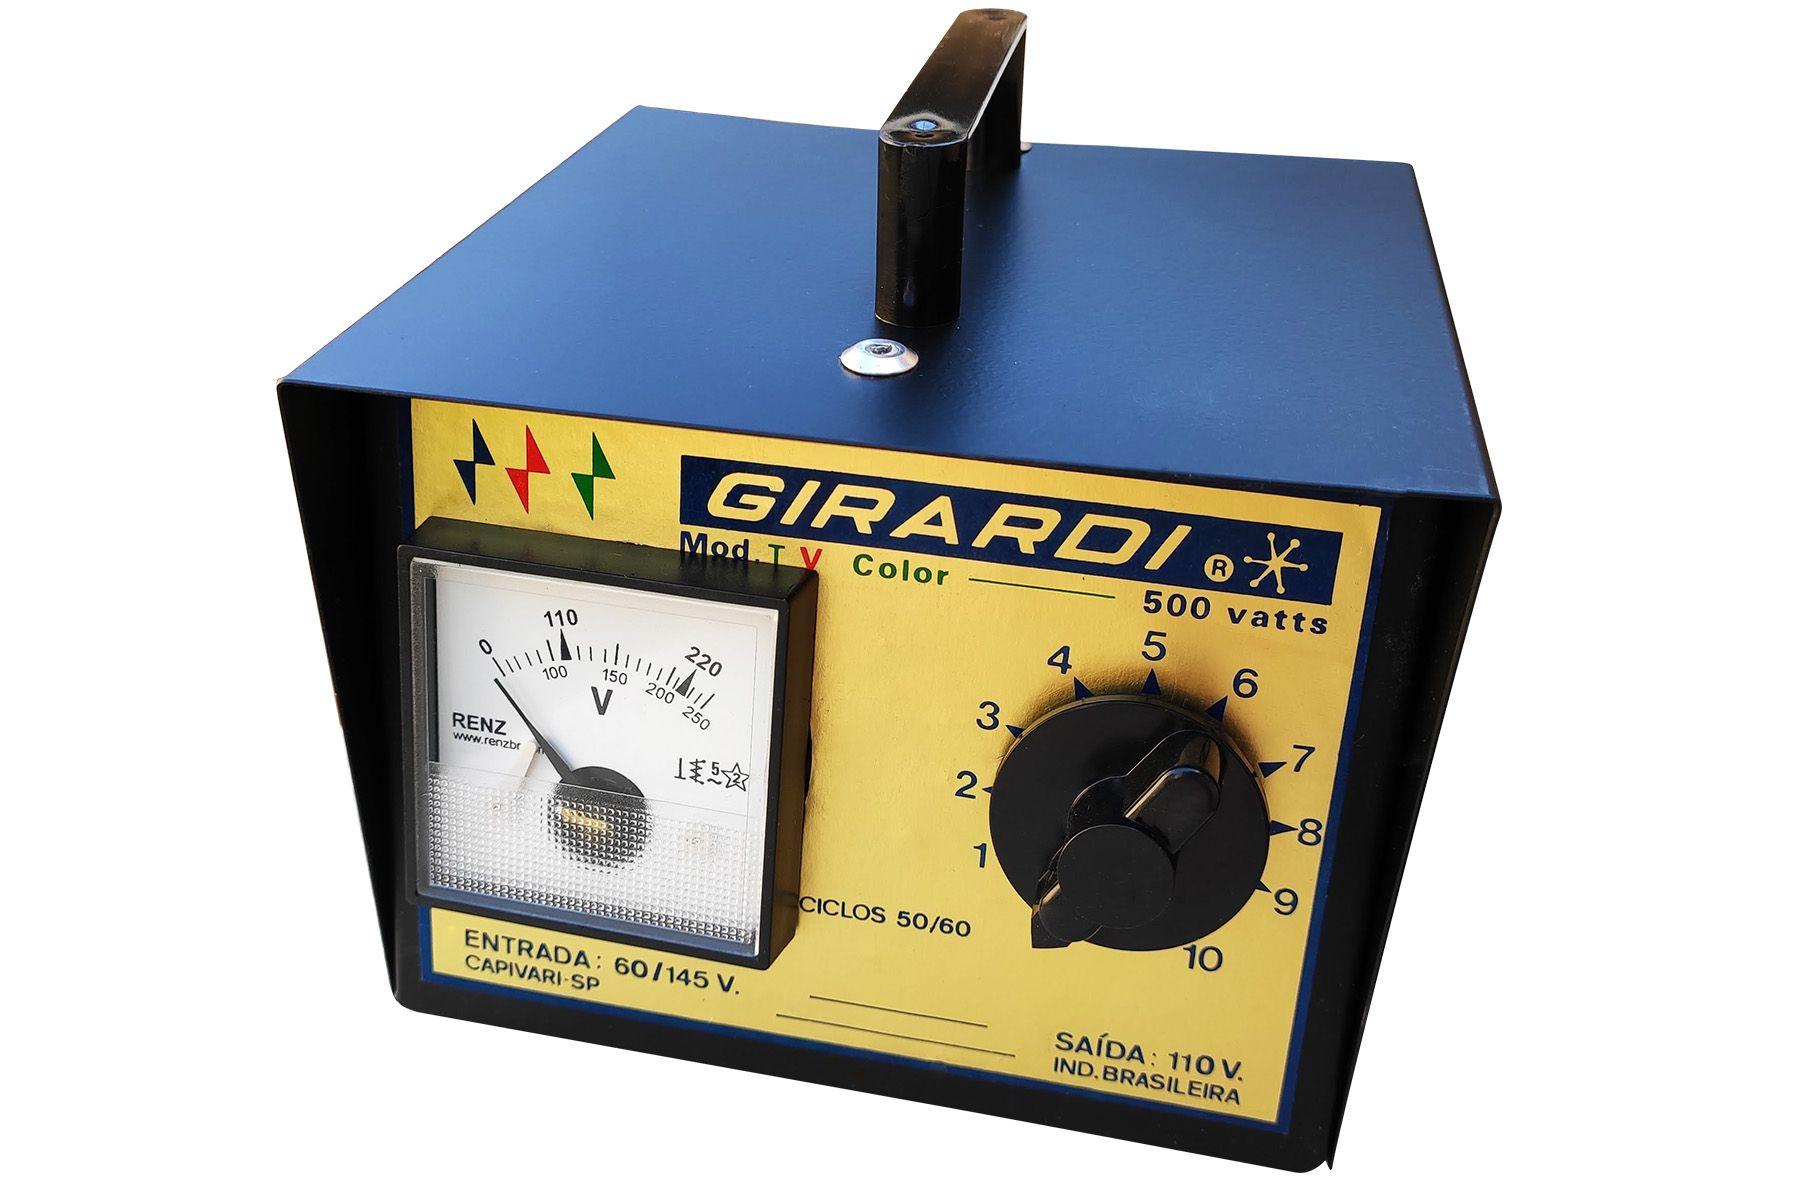 Regulador Manual De Tensão / Voltagem Girardi 500 VA Entrada 220V Saída Bivolt